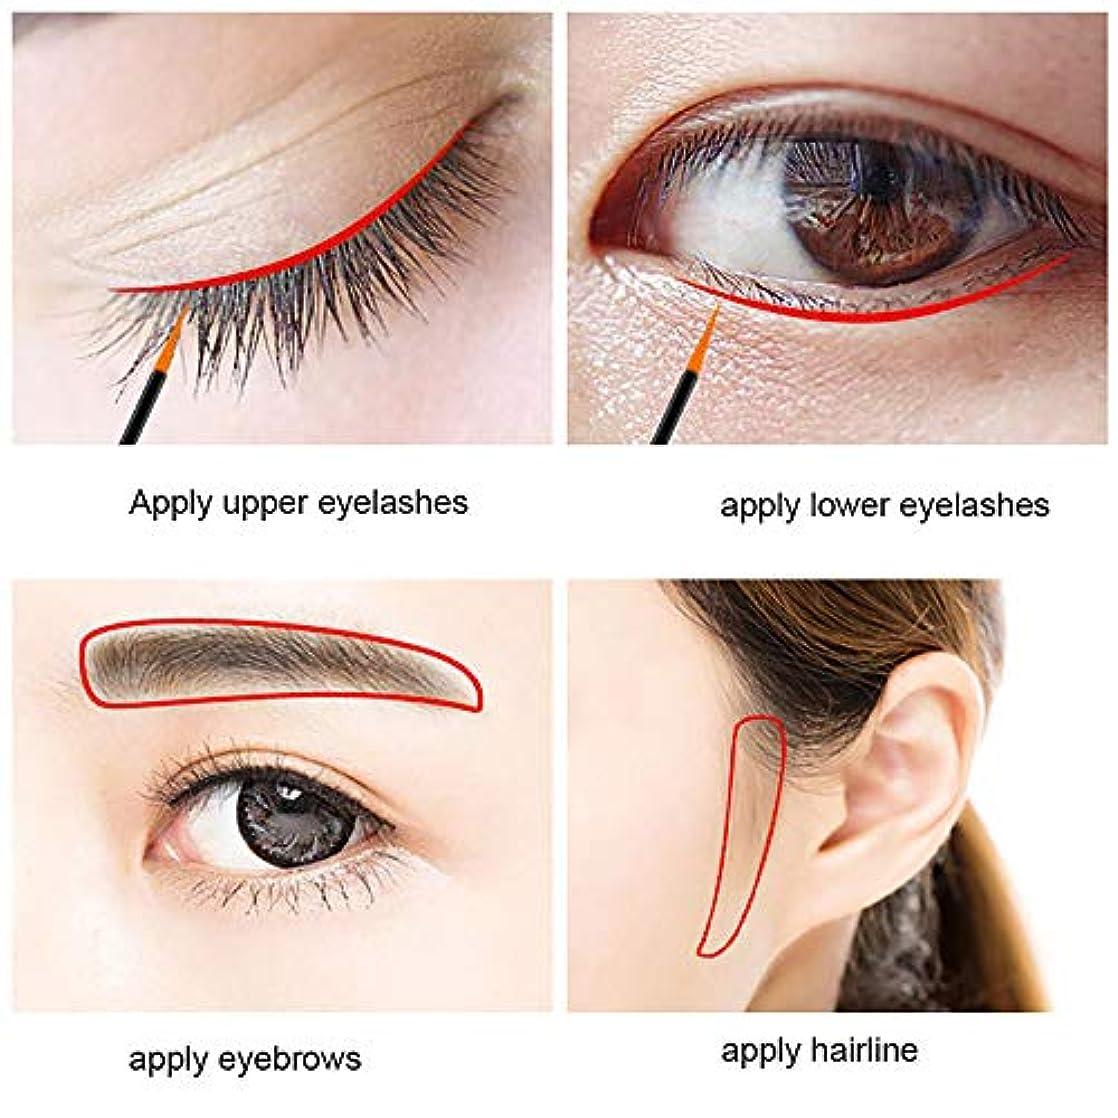 マーケティングフィットネス福祉眉毛まつげ速い急速な成長の液体エンハンサー栄養液栄養